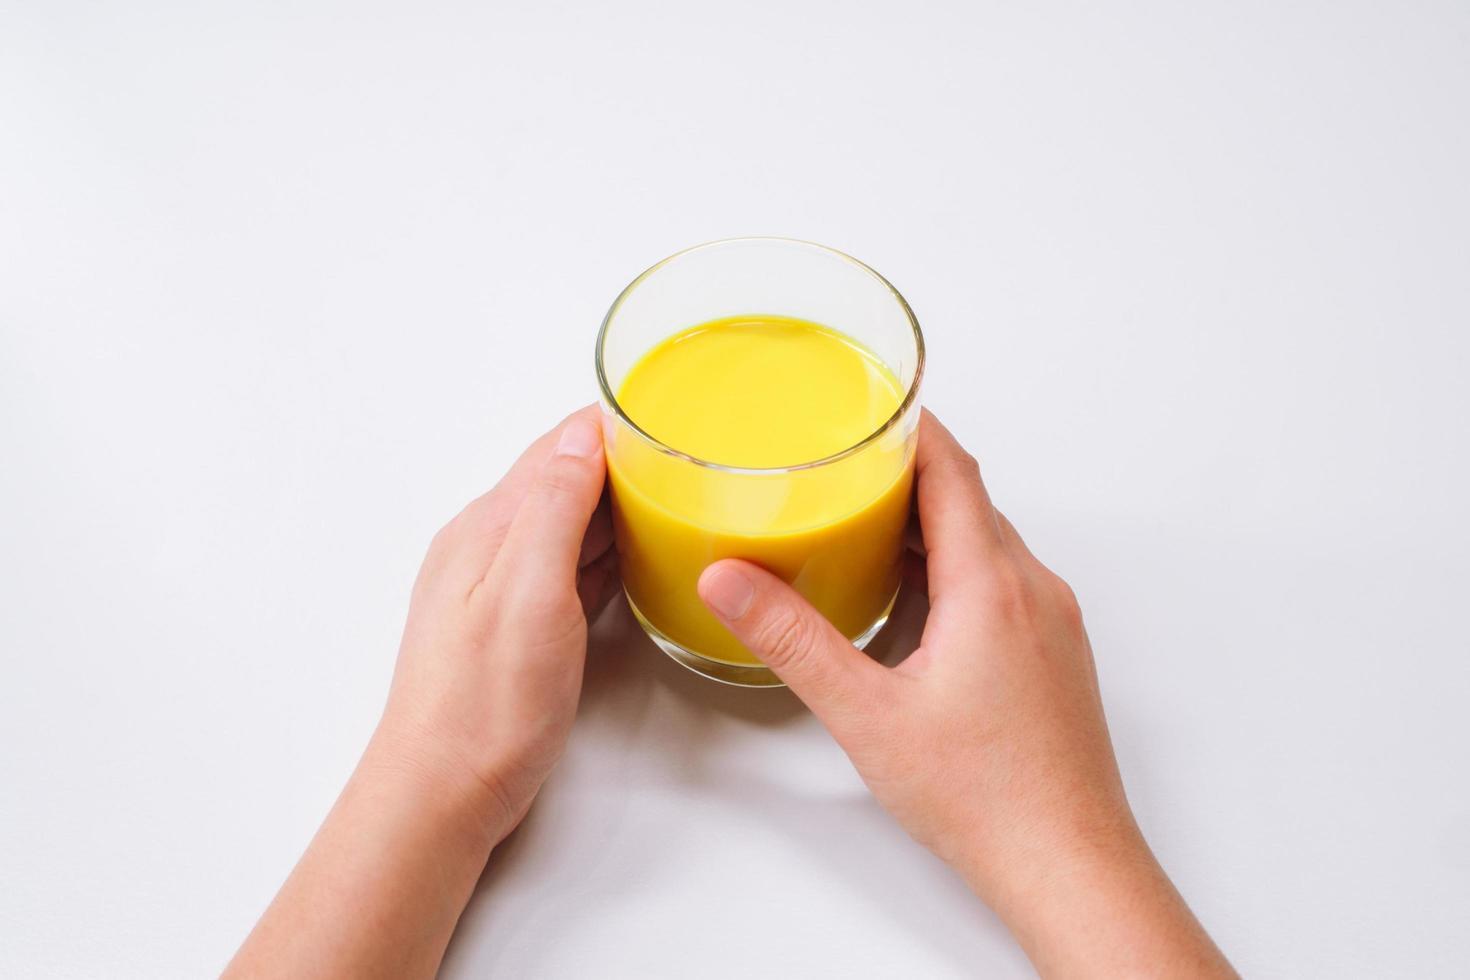 mãos segurando um copo de leite dourado açafrão com leite foto